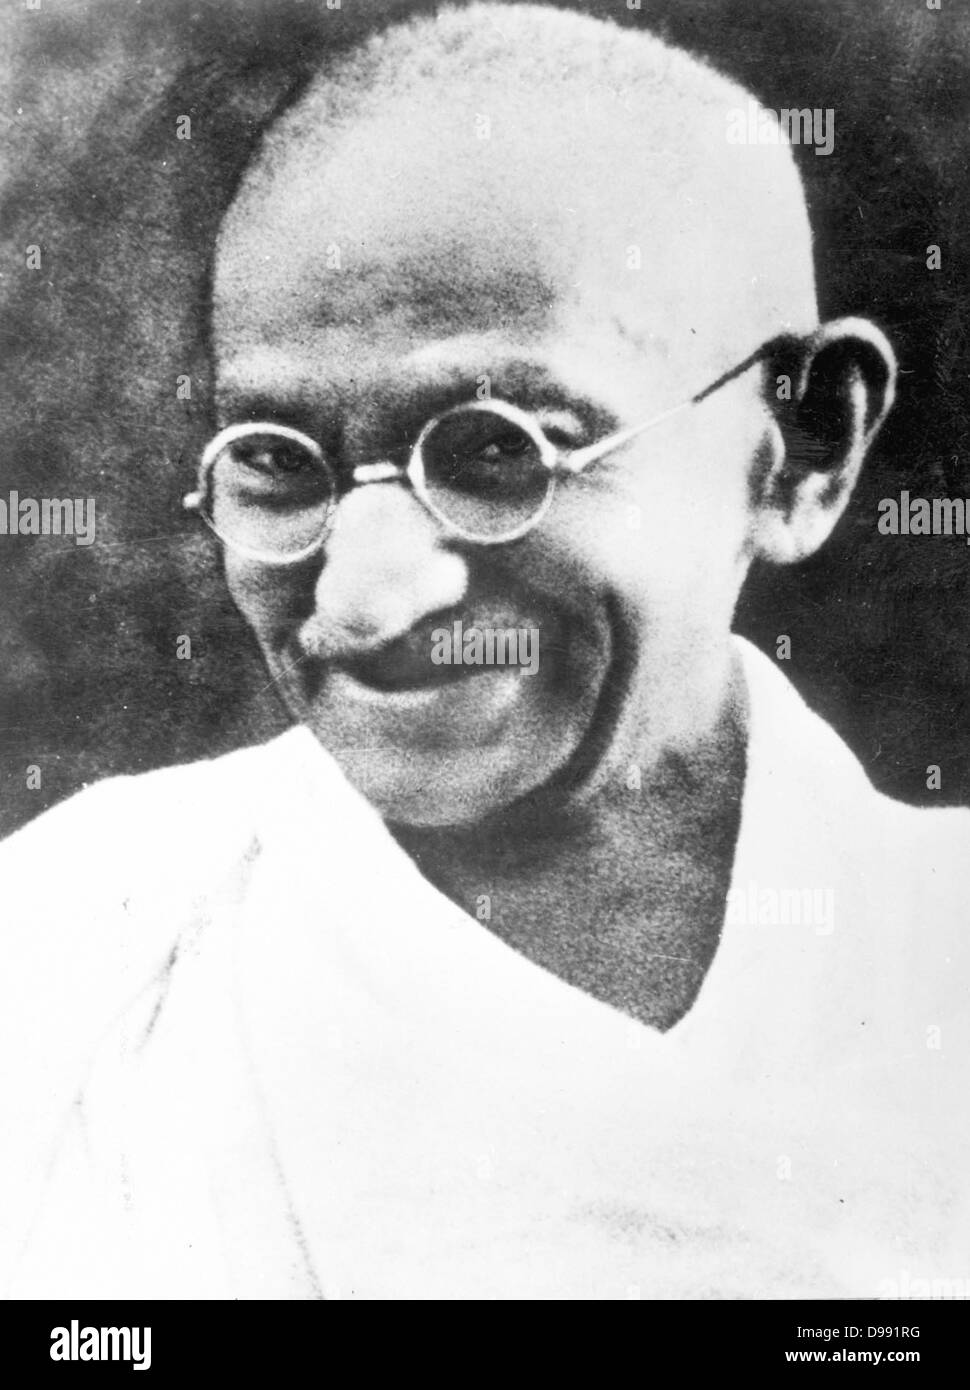 Il Mahatma Gandhi circa 1930. Mohandas Karamchand Gandhi (2 ottobre 1869 - 30 gennaio 1948). La maggior parte prominente Immagini Stock